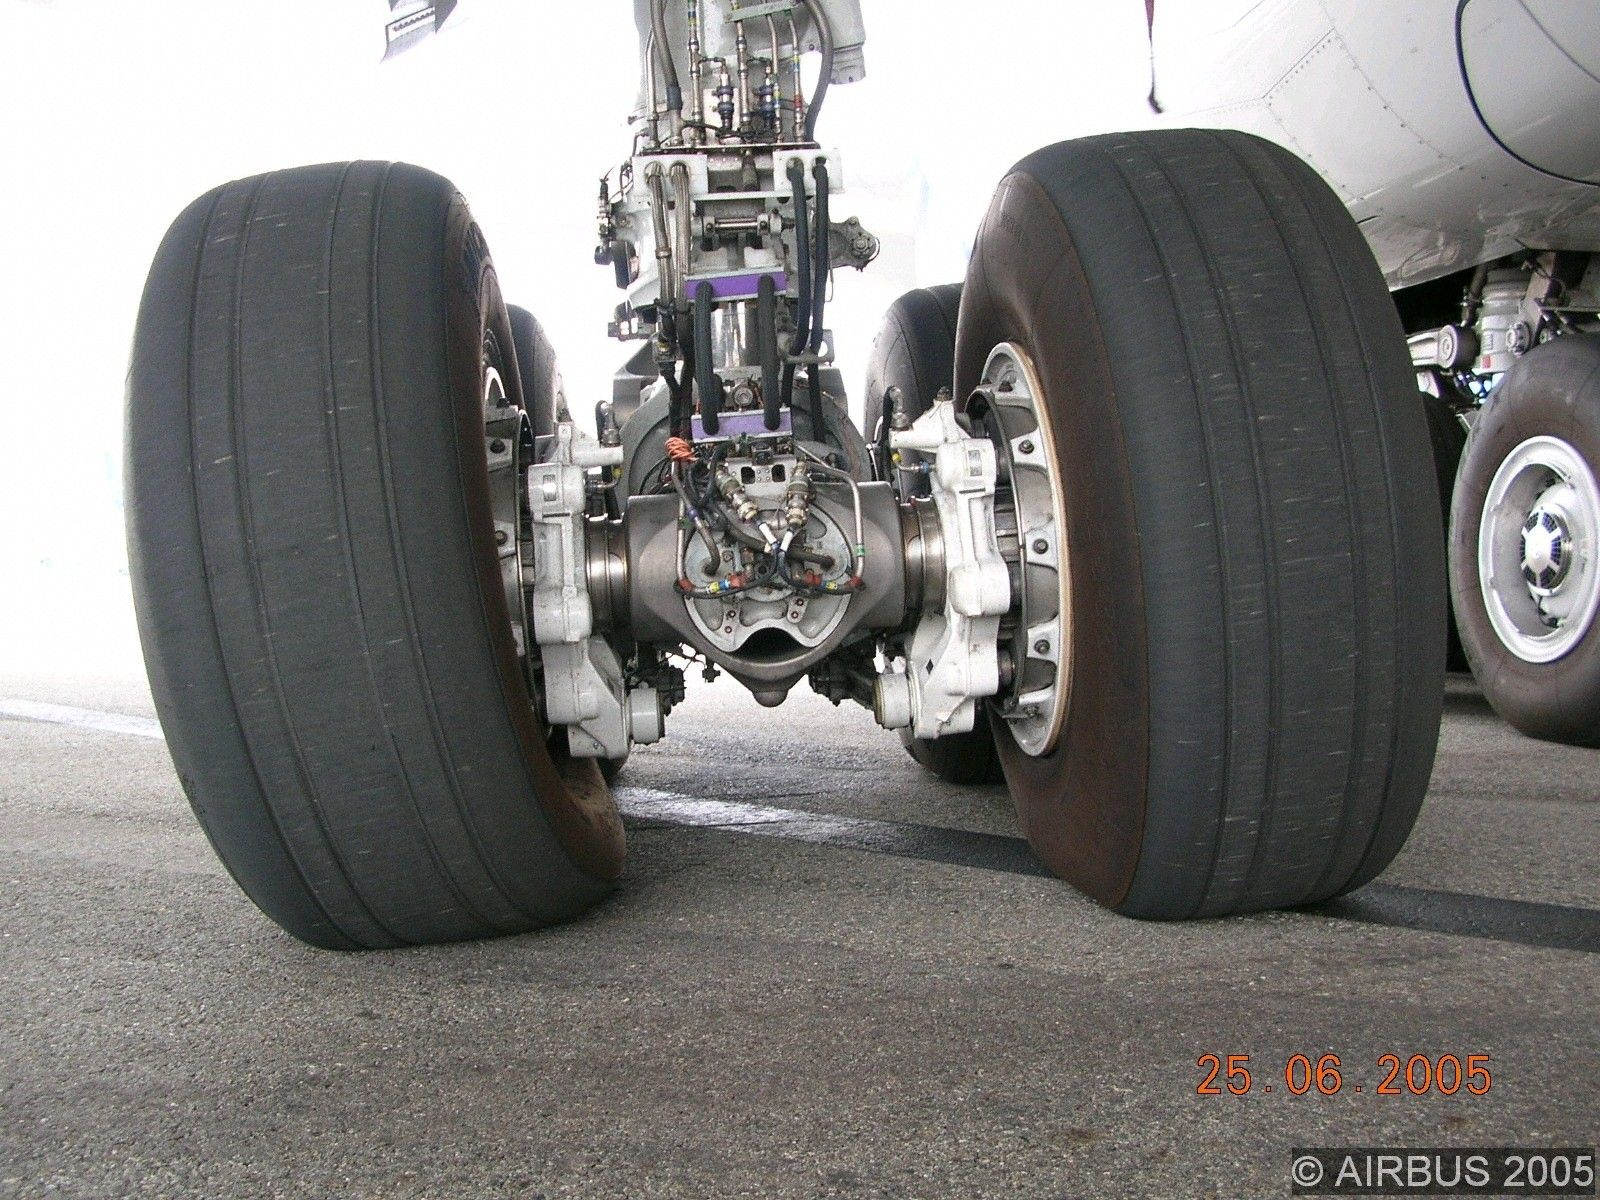 landing gear - Google Search